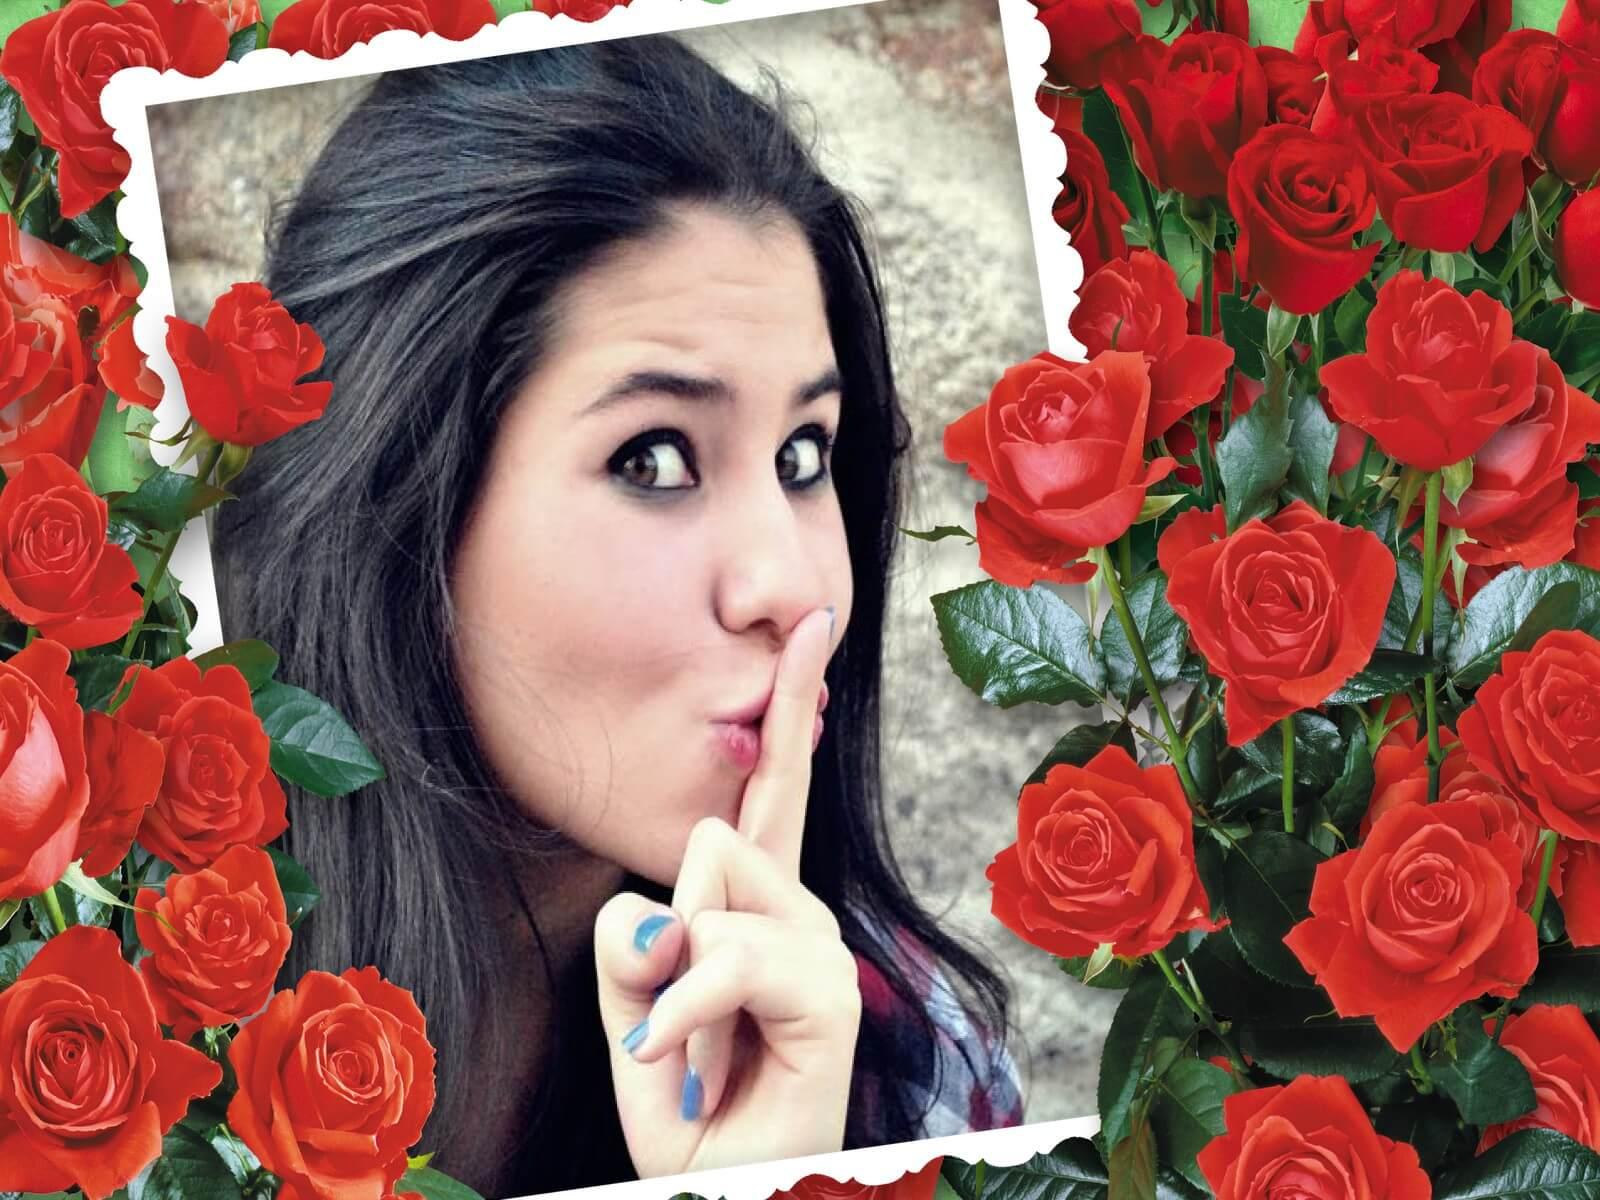 linda-montagem-de-fotos-com-rosas-vermelhas